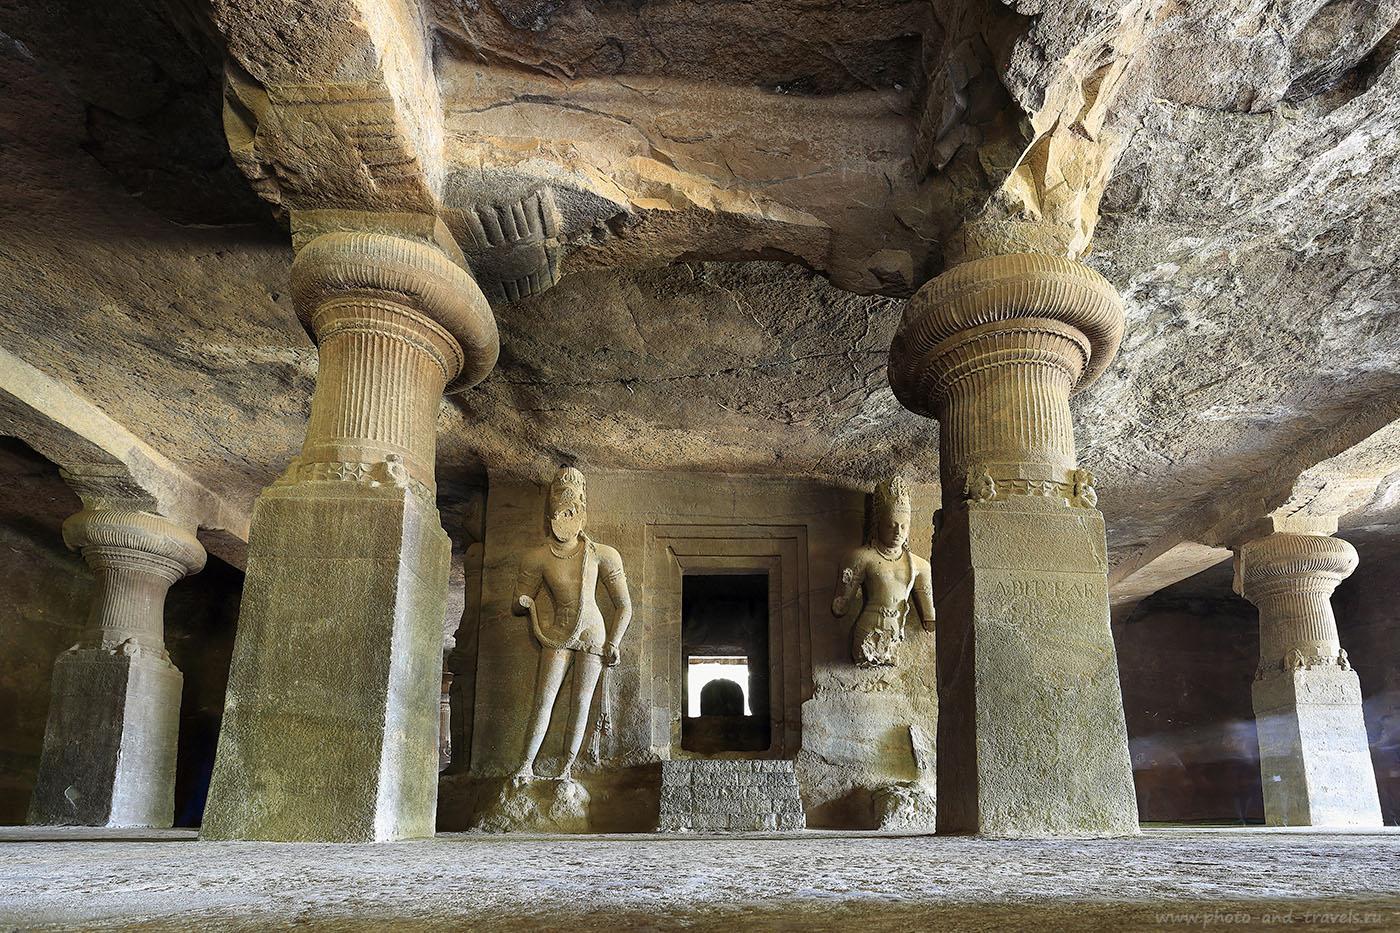 Фотография 8. Алтарь с Шивалингамом в главной пещере Элефанты. Рассказы про самостоятельный отдых в Мумбаи. Поездка в Индию. (17-40, 13 сек., 1eV, f9, 17 mm, ISO 100)